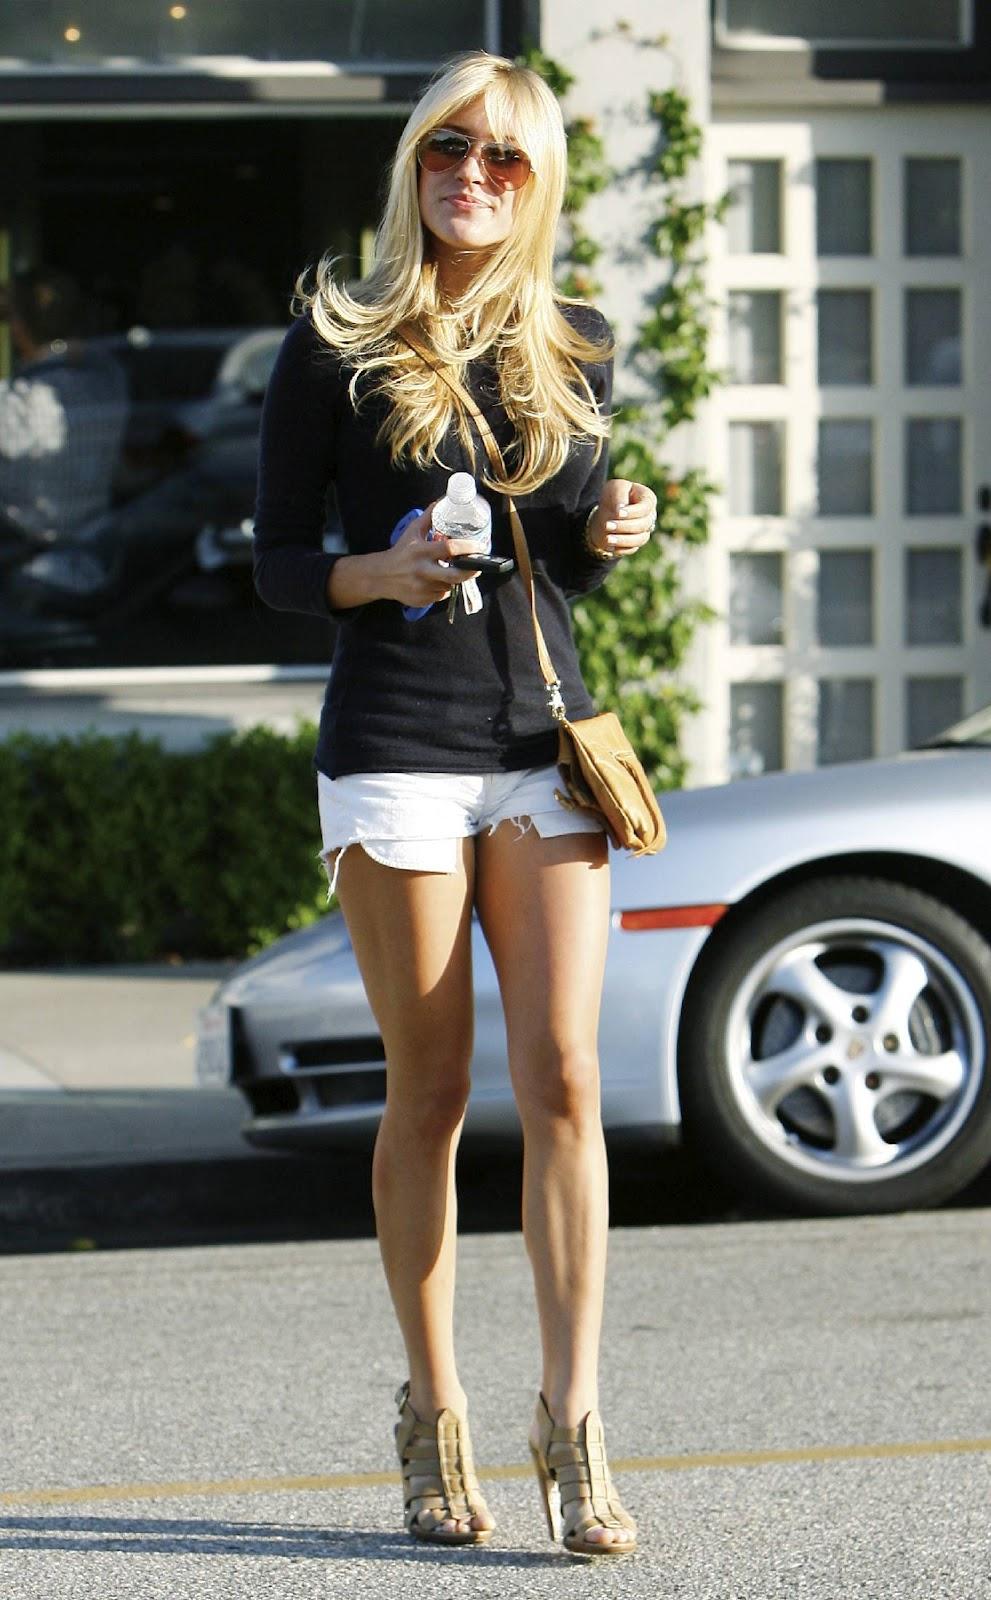 Las 9 prendas que debes dejar de llevar a los 30 - Página 2 Shorts-and-heels-kristin-cavallari1